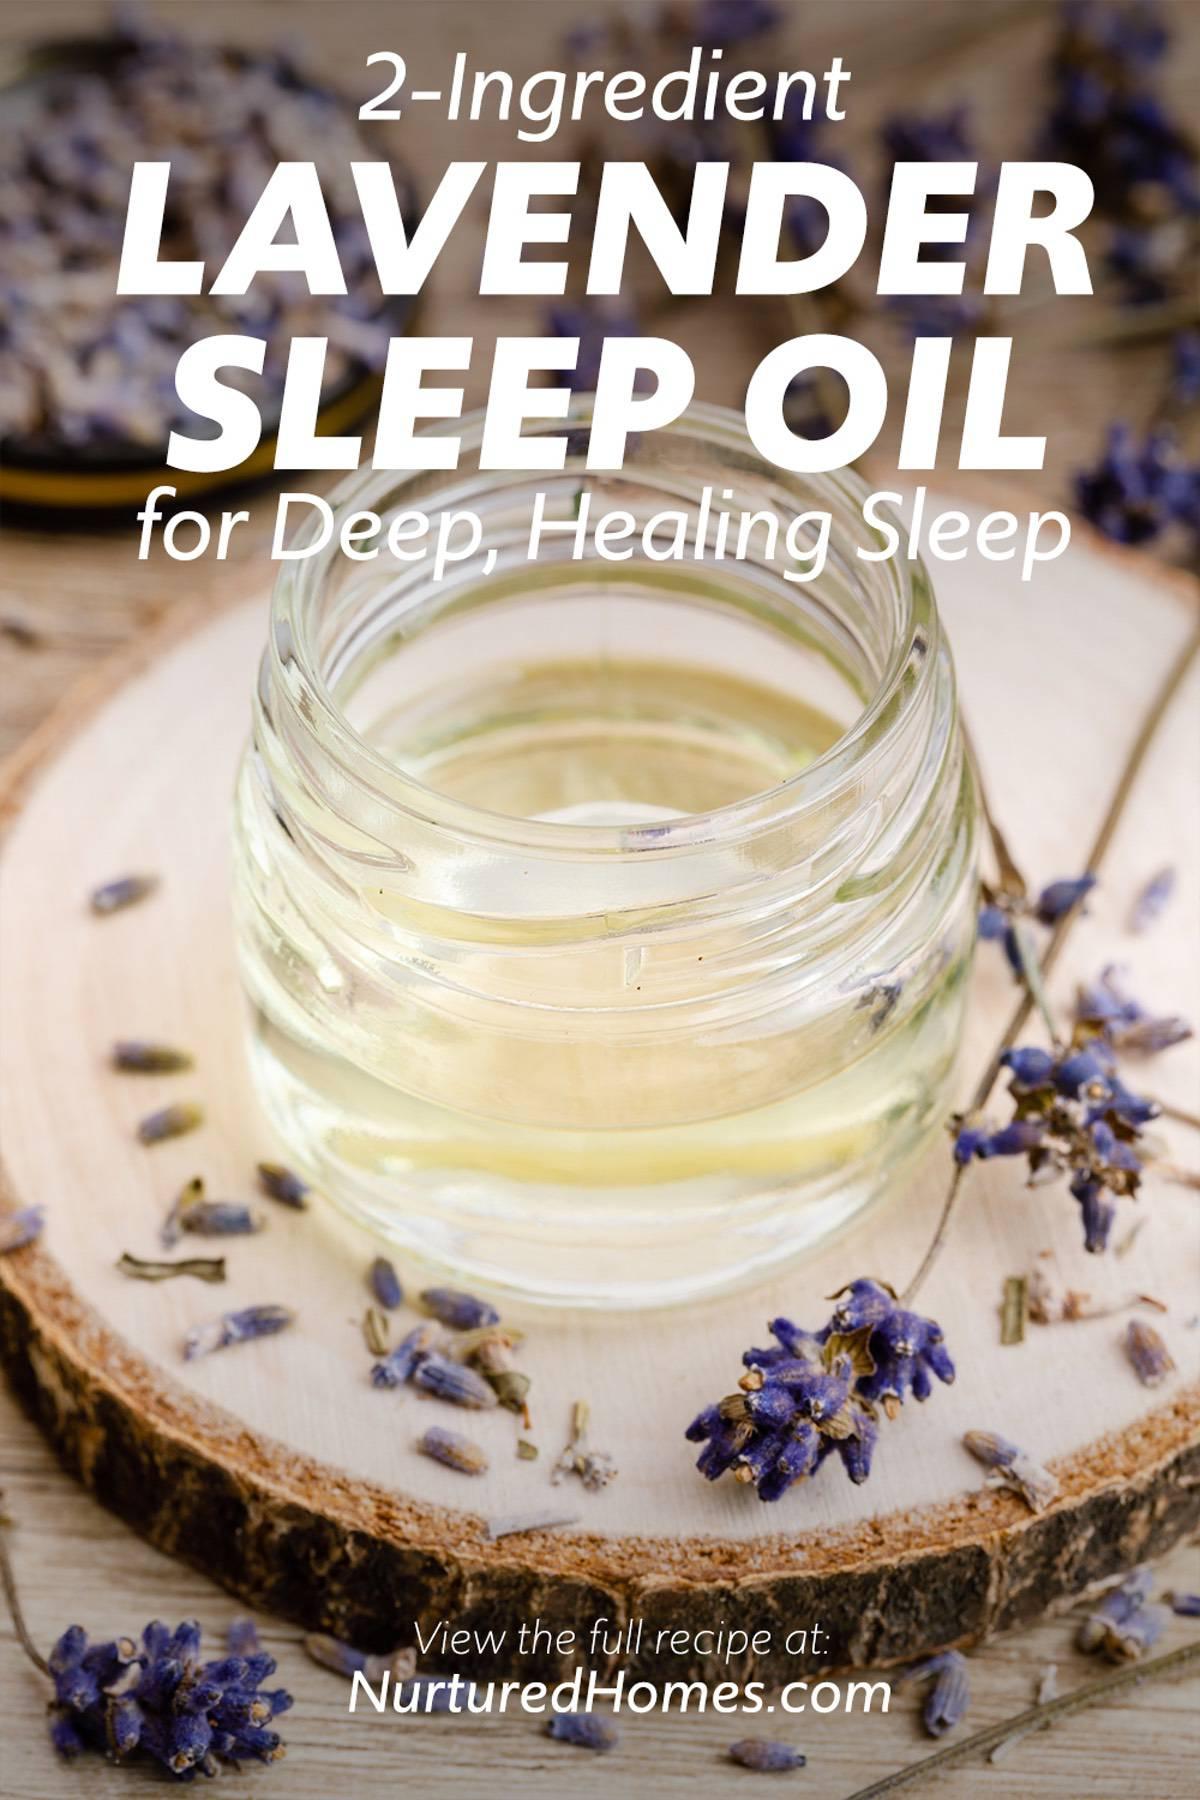 2-Ingredient Lavender Sleep Oil for Deep, Healing Sleep